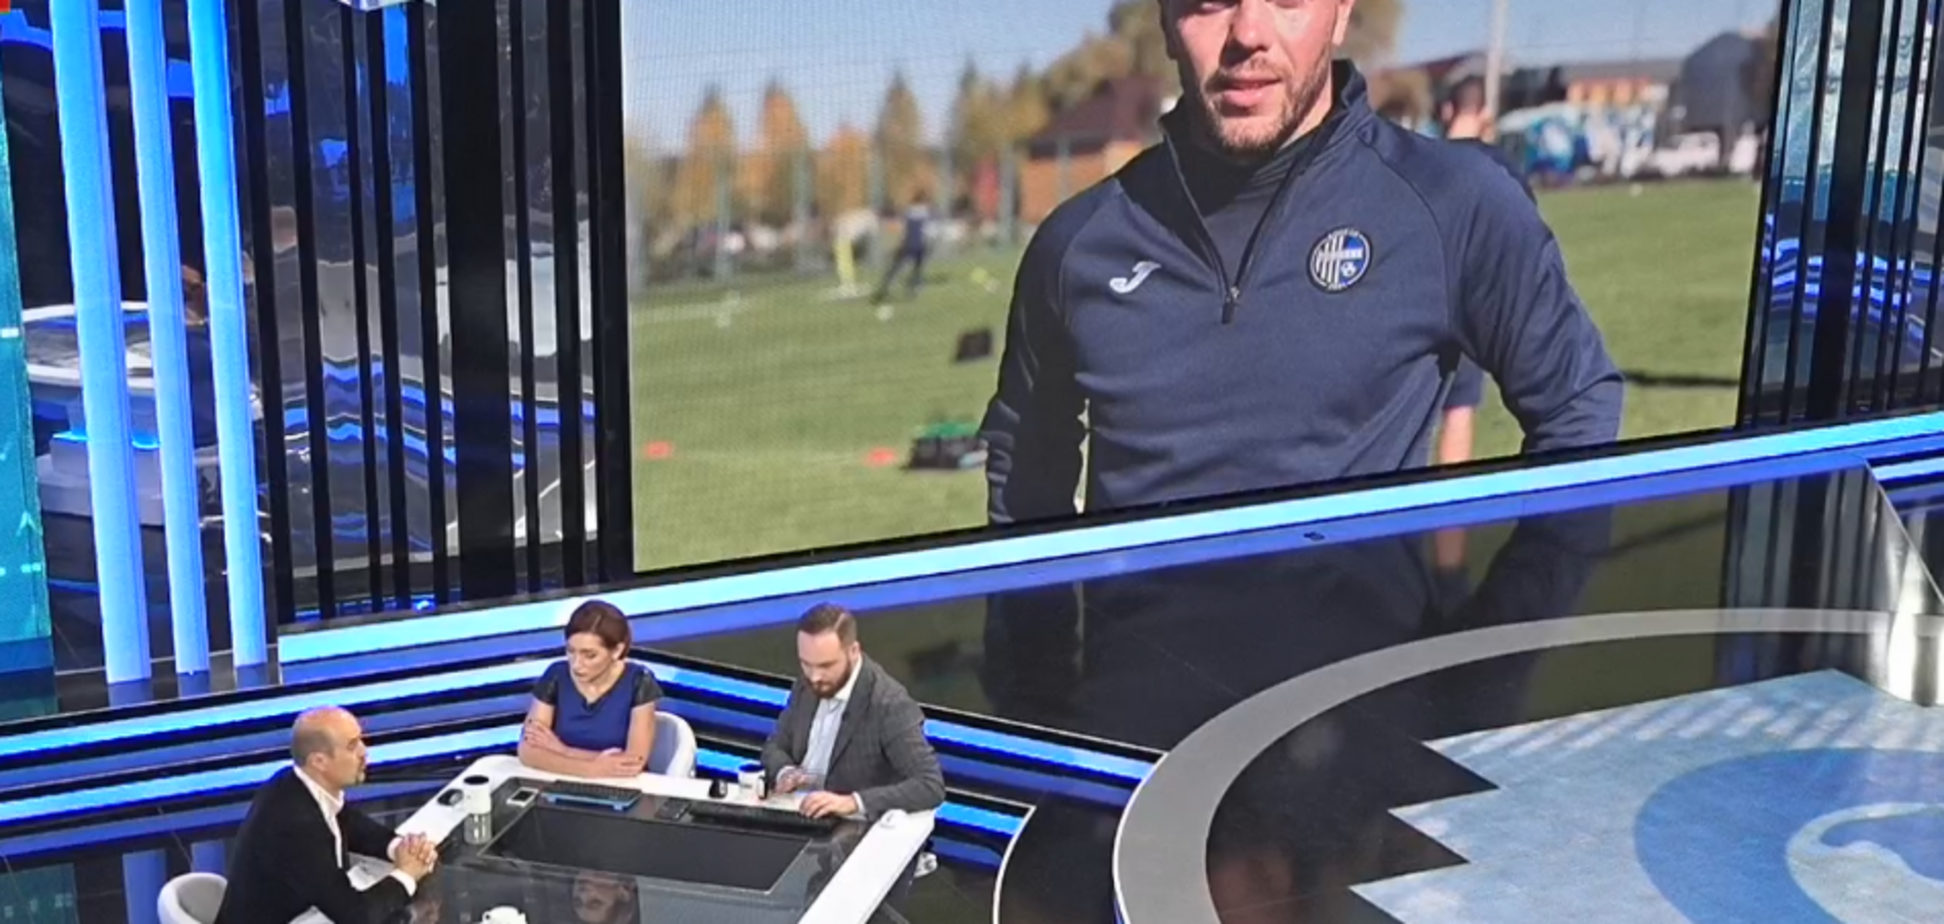 Сепаратизм в украинском футболе: ''Если мы будем молчать, они будут поднимать головы'' - Андриюк